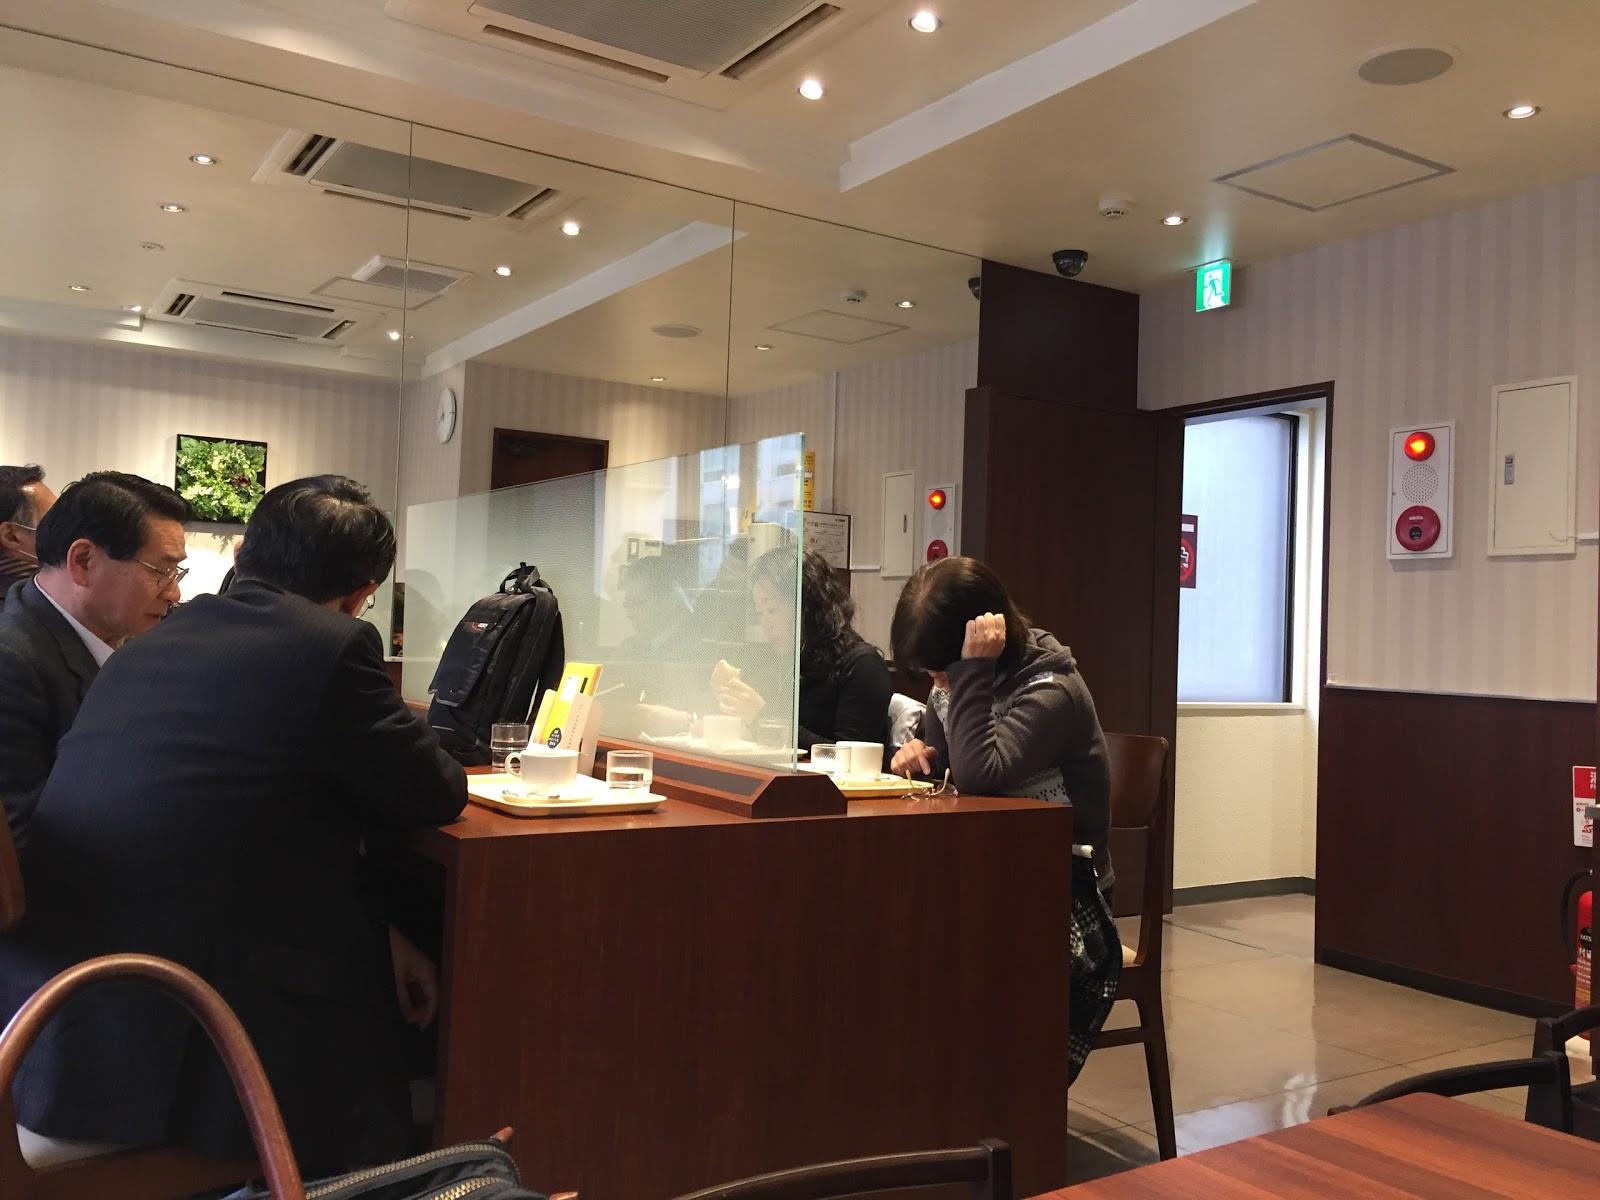 ドトールコーヒーショップ 八丁堀店の写真